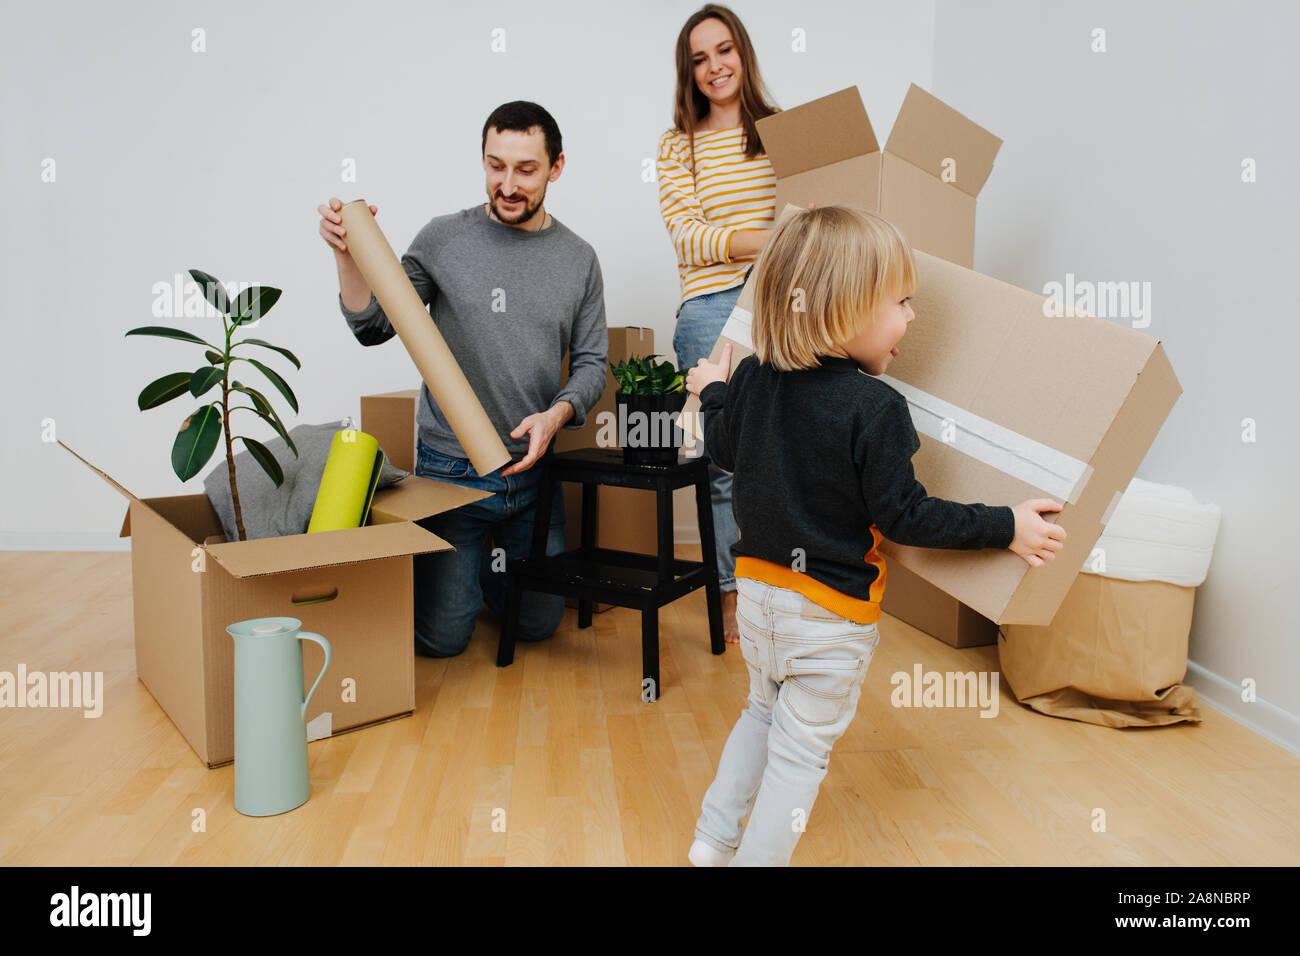 Joven familia se mudó a una nueva casa, desembalaje de cajas de cartón junto Foto de stock